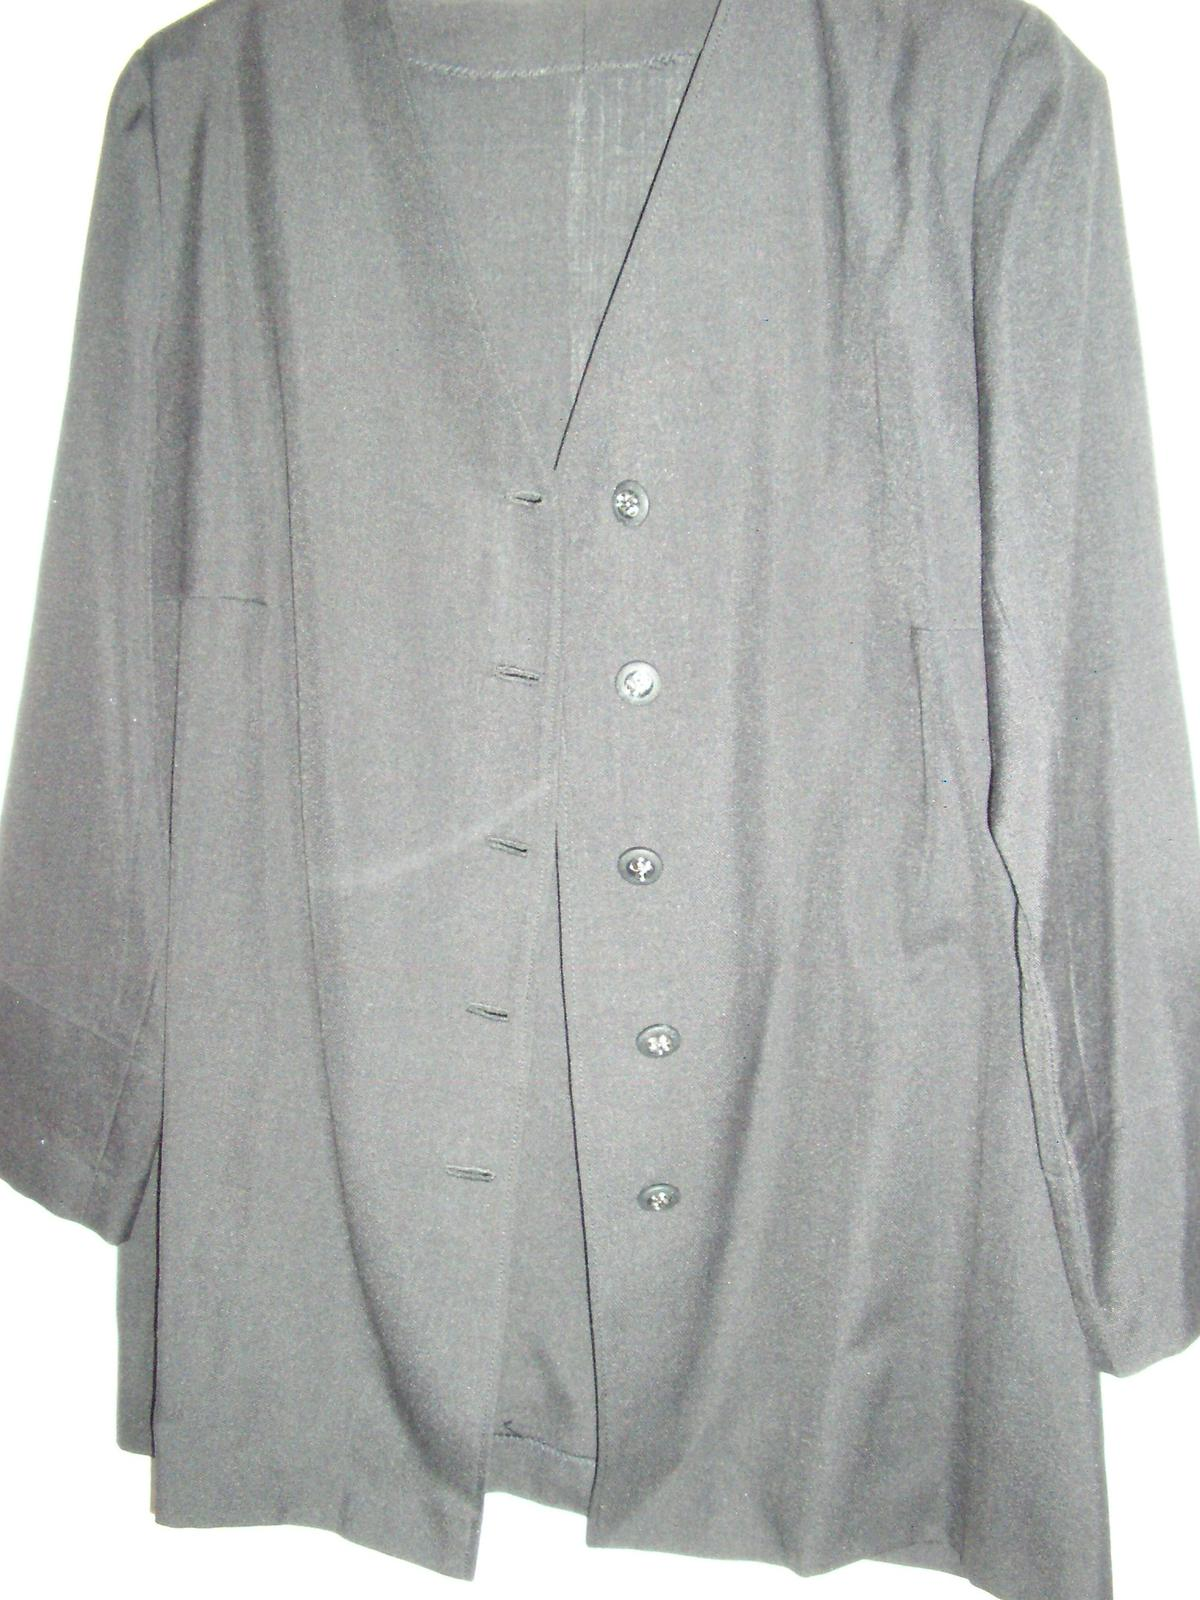 770.Kabátik  - Obrázok č. 1